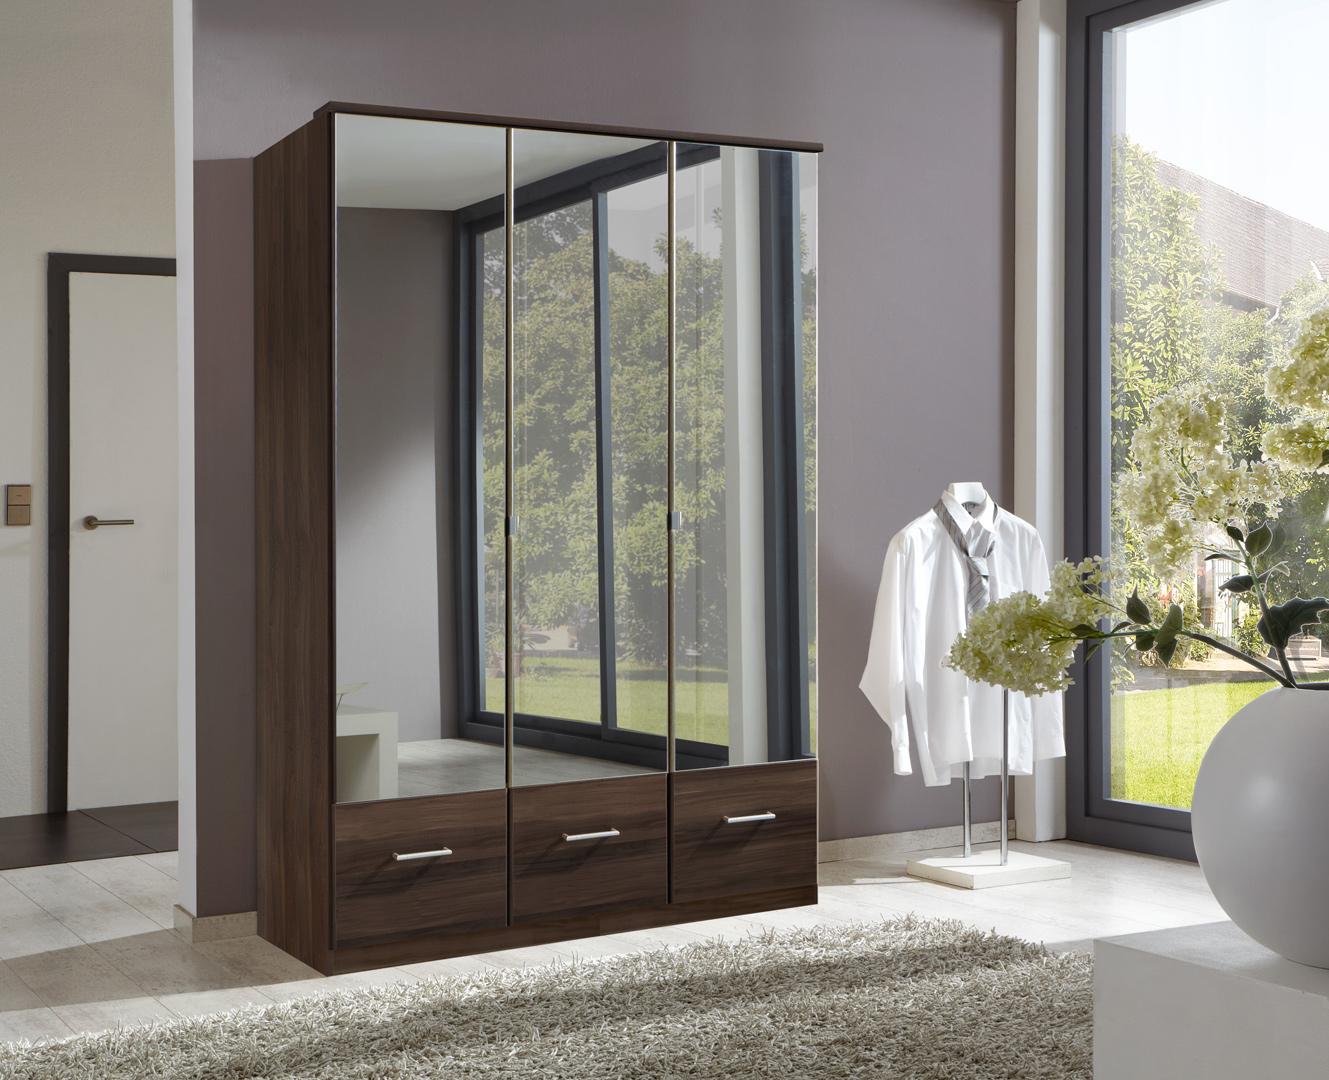 Armoire contemporaine 3 portes/3 tiroirs coloris noyer Adagio